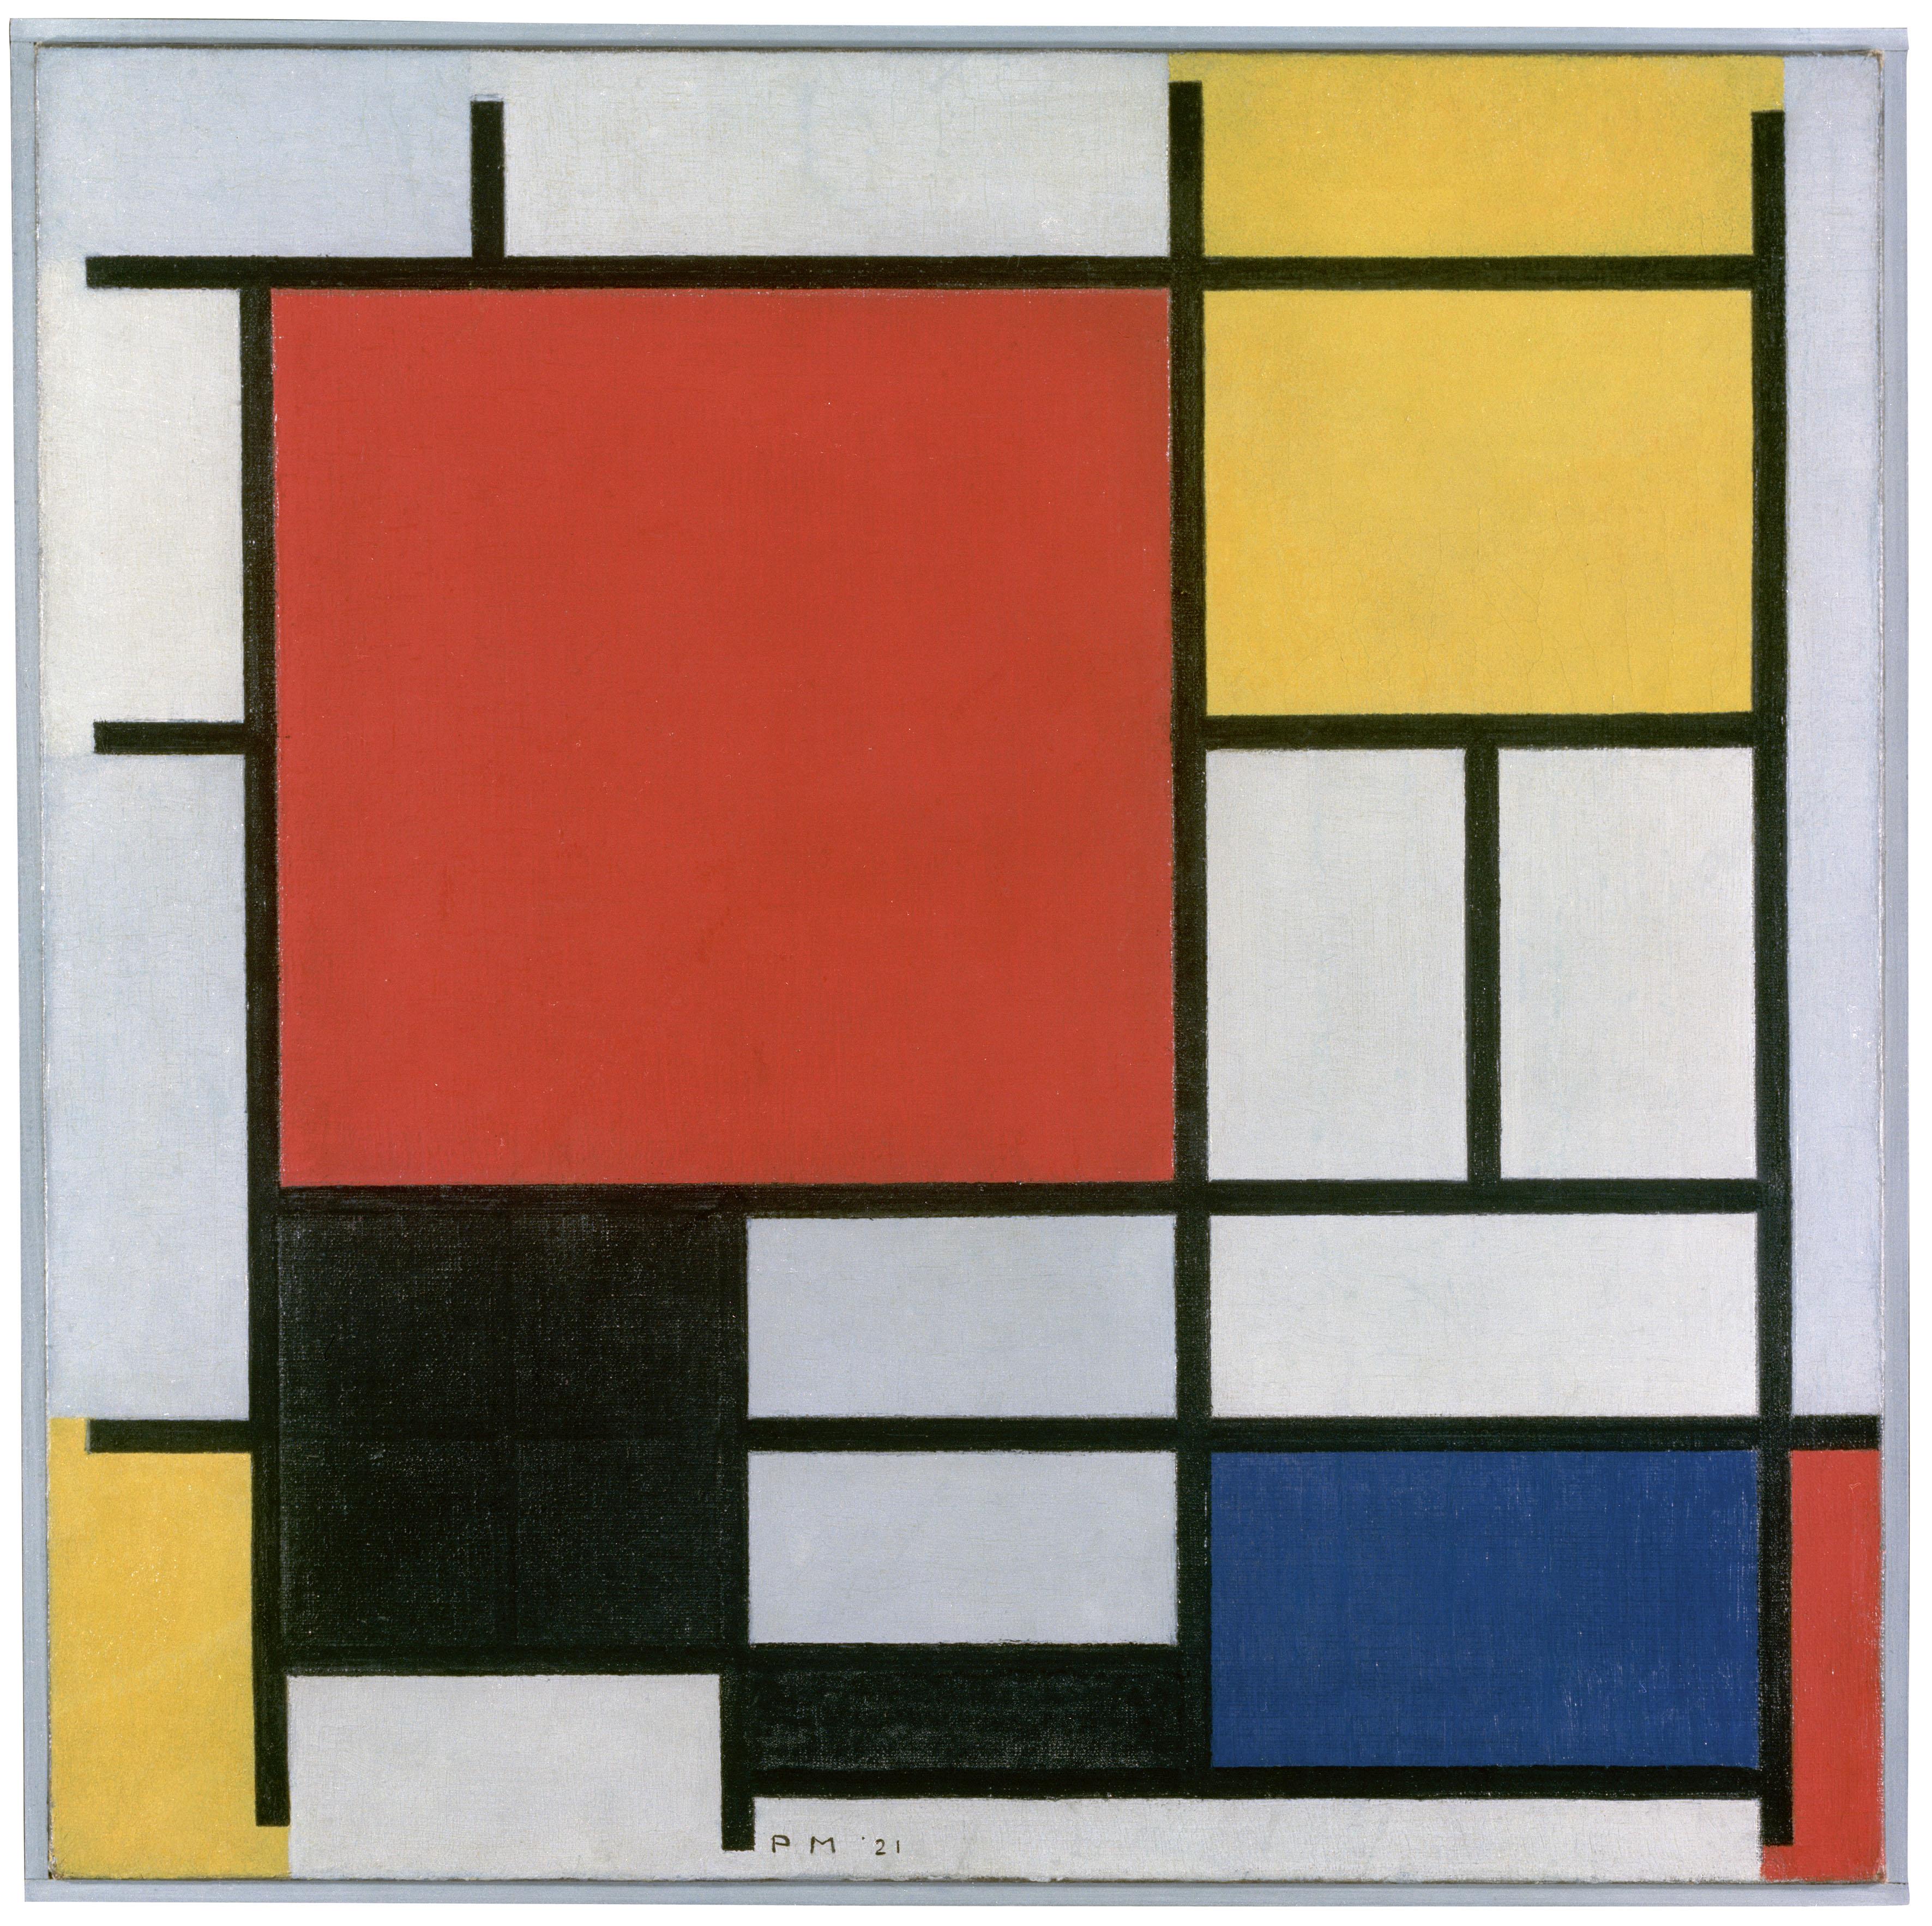 Composición en rojo, amarillo, azul y negro, 1921. Mondrian